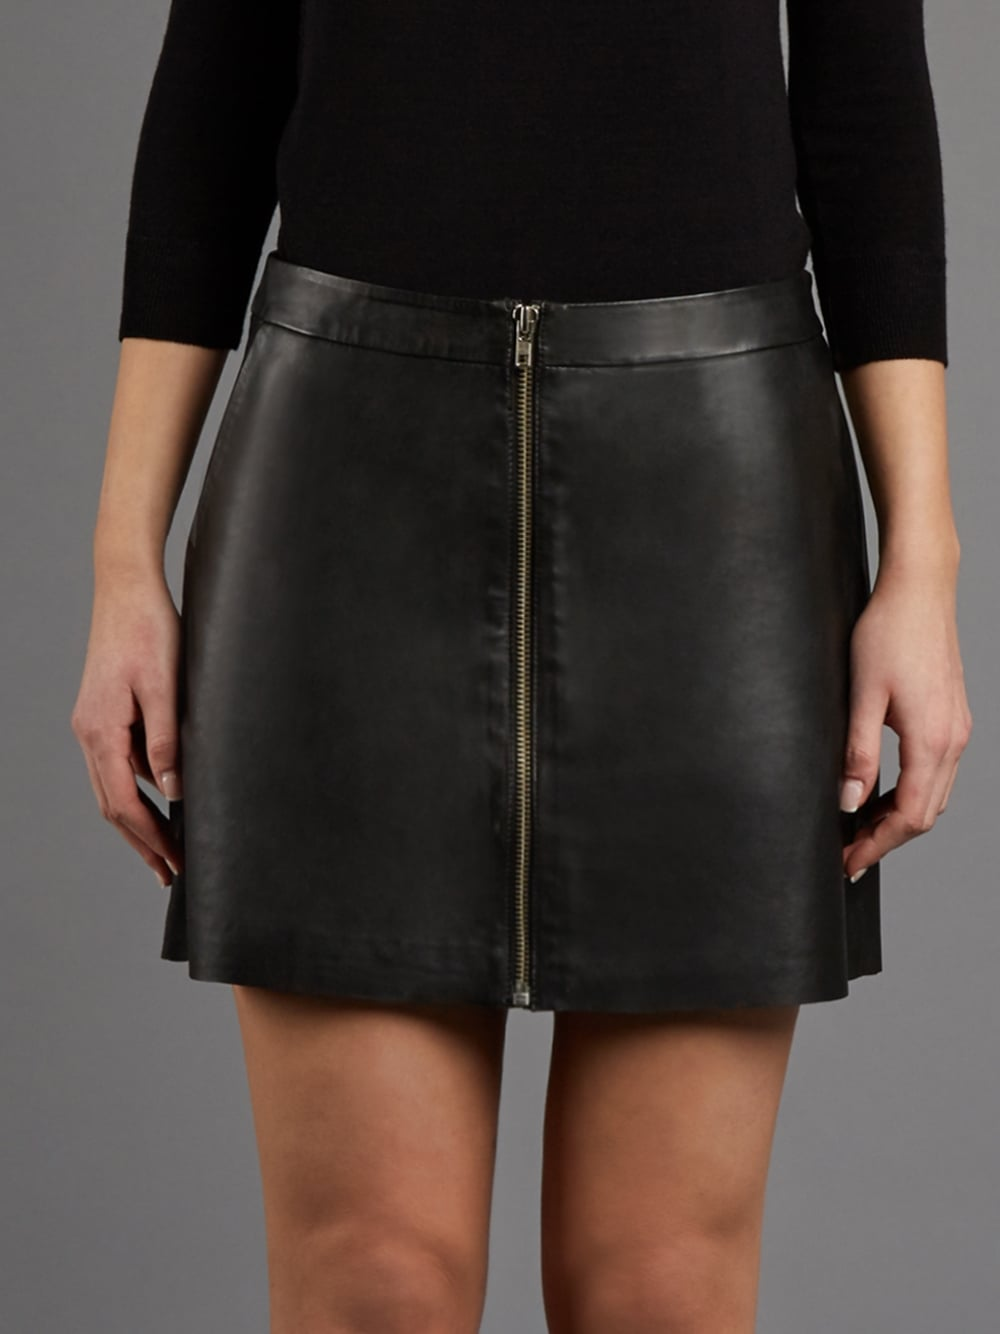 e46f12065 Impala A-Line Black Leather Mini Skirt